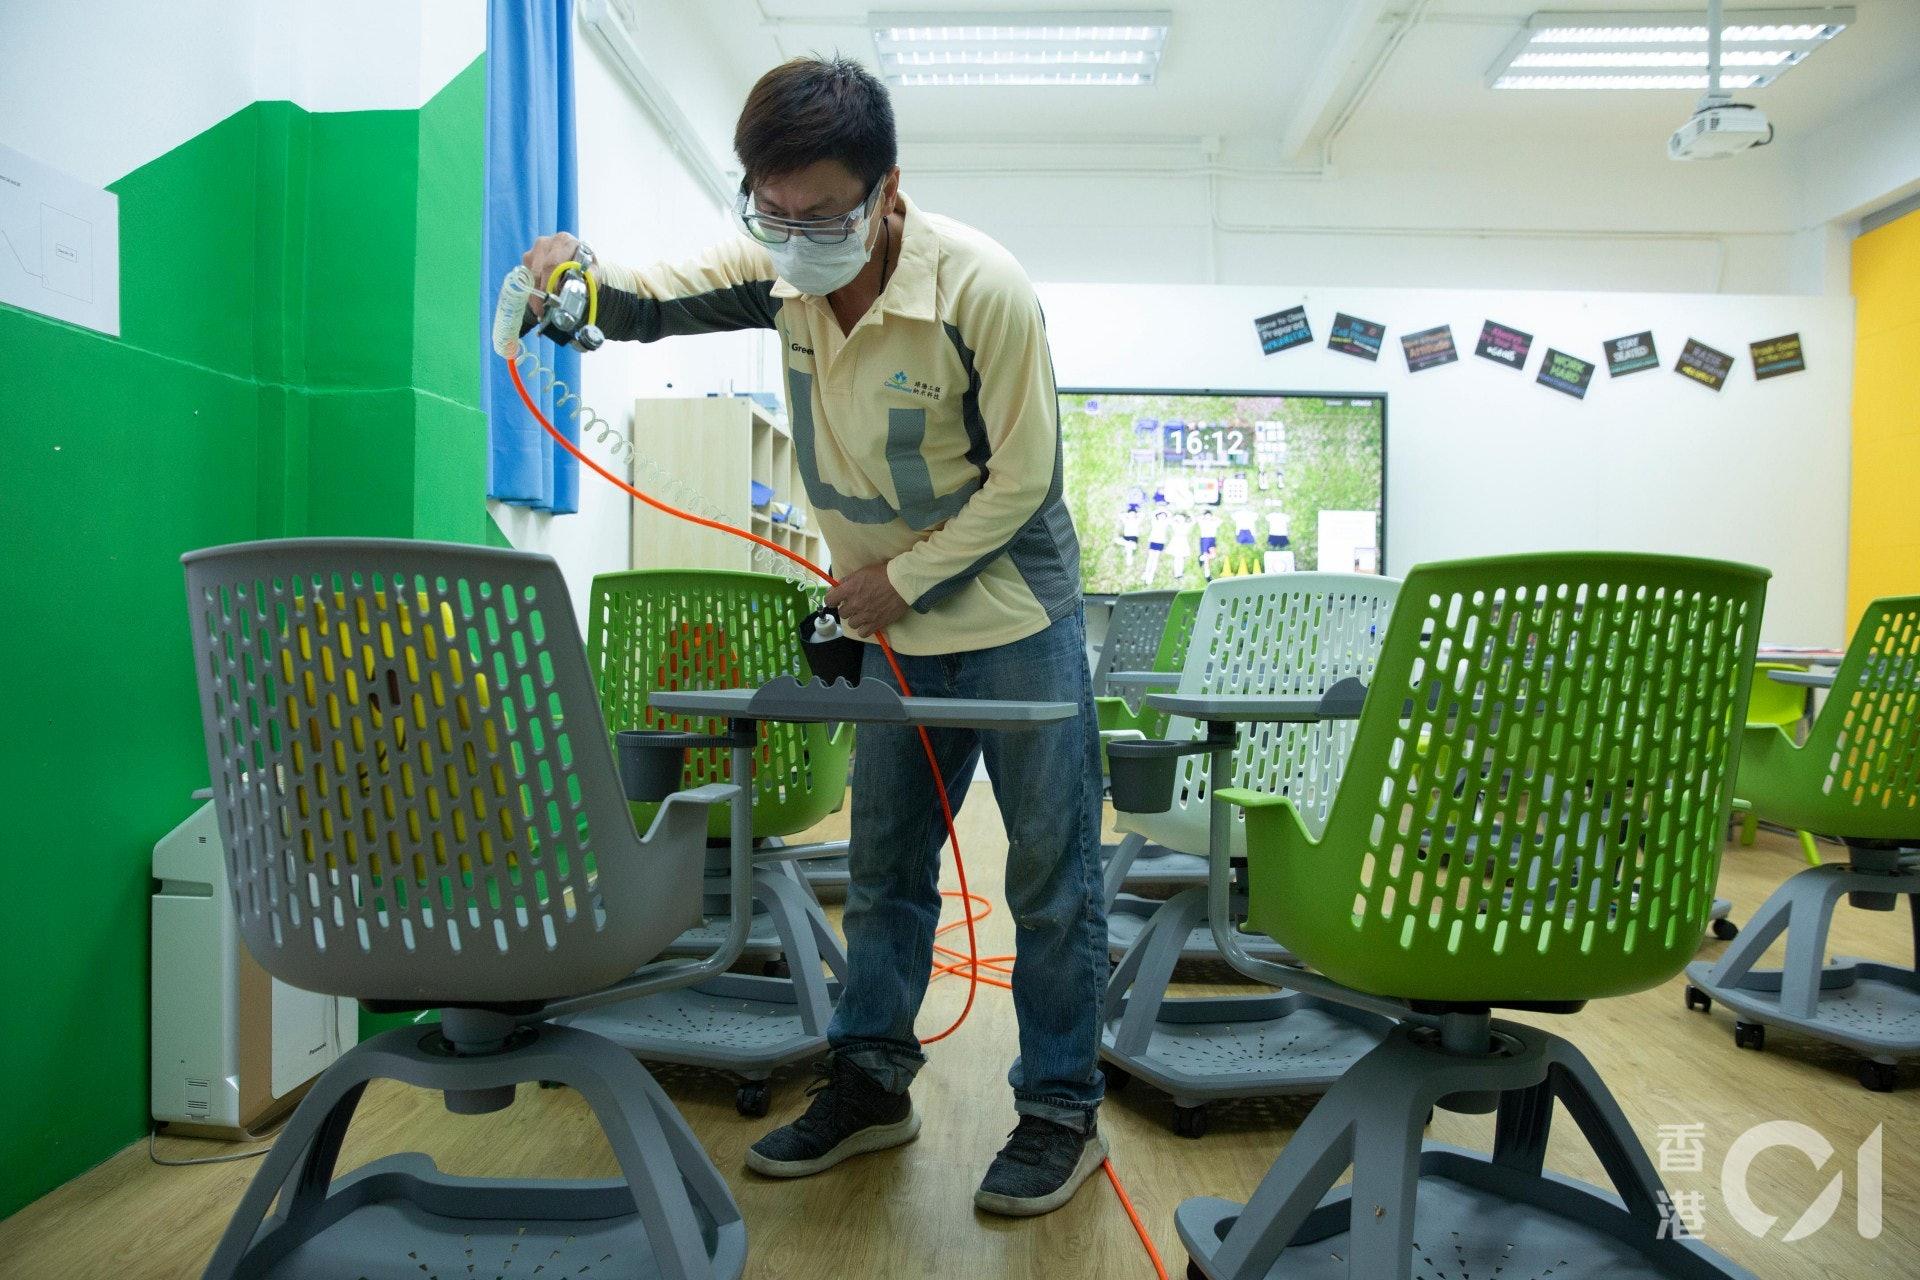 公司董事總經理鄭良仁表示,「納米光電觸媒」塗層有效期最長可達5年,班房內枱櫈等經常接觸的地方,有效期一般為1年。(龔嘉盛攝)